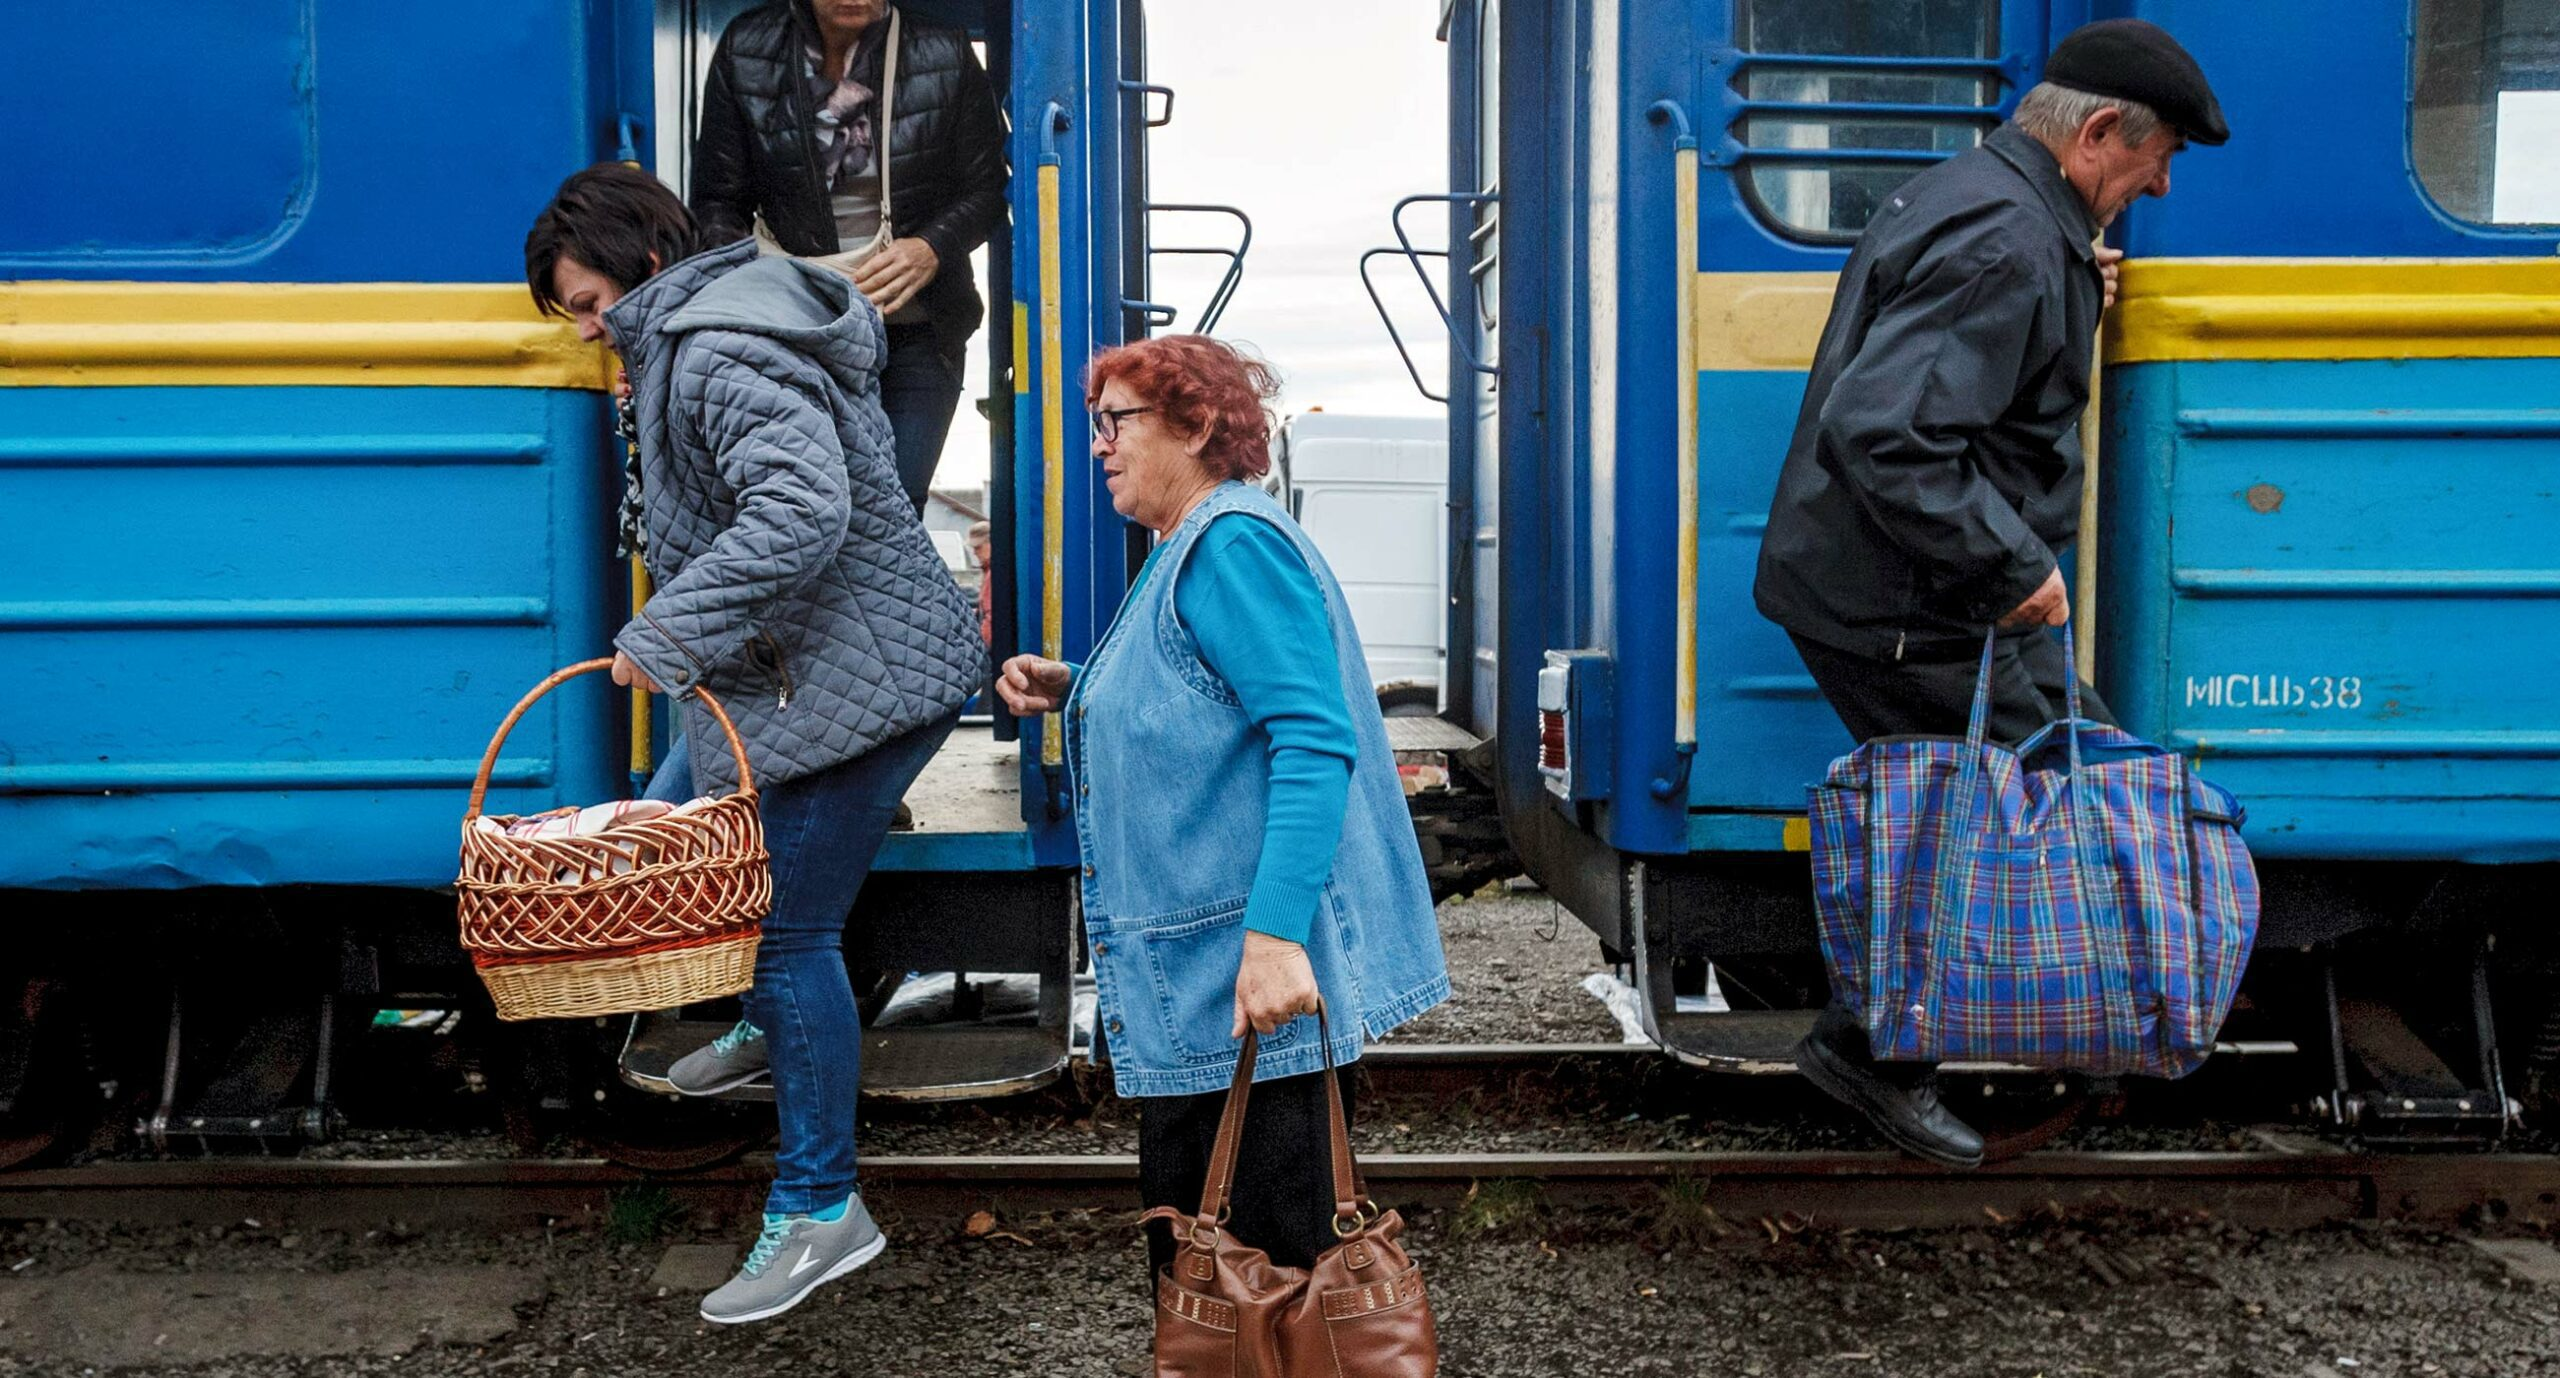 Напади в Укрзалізниці. Як себе захистити?